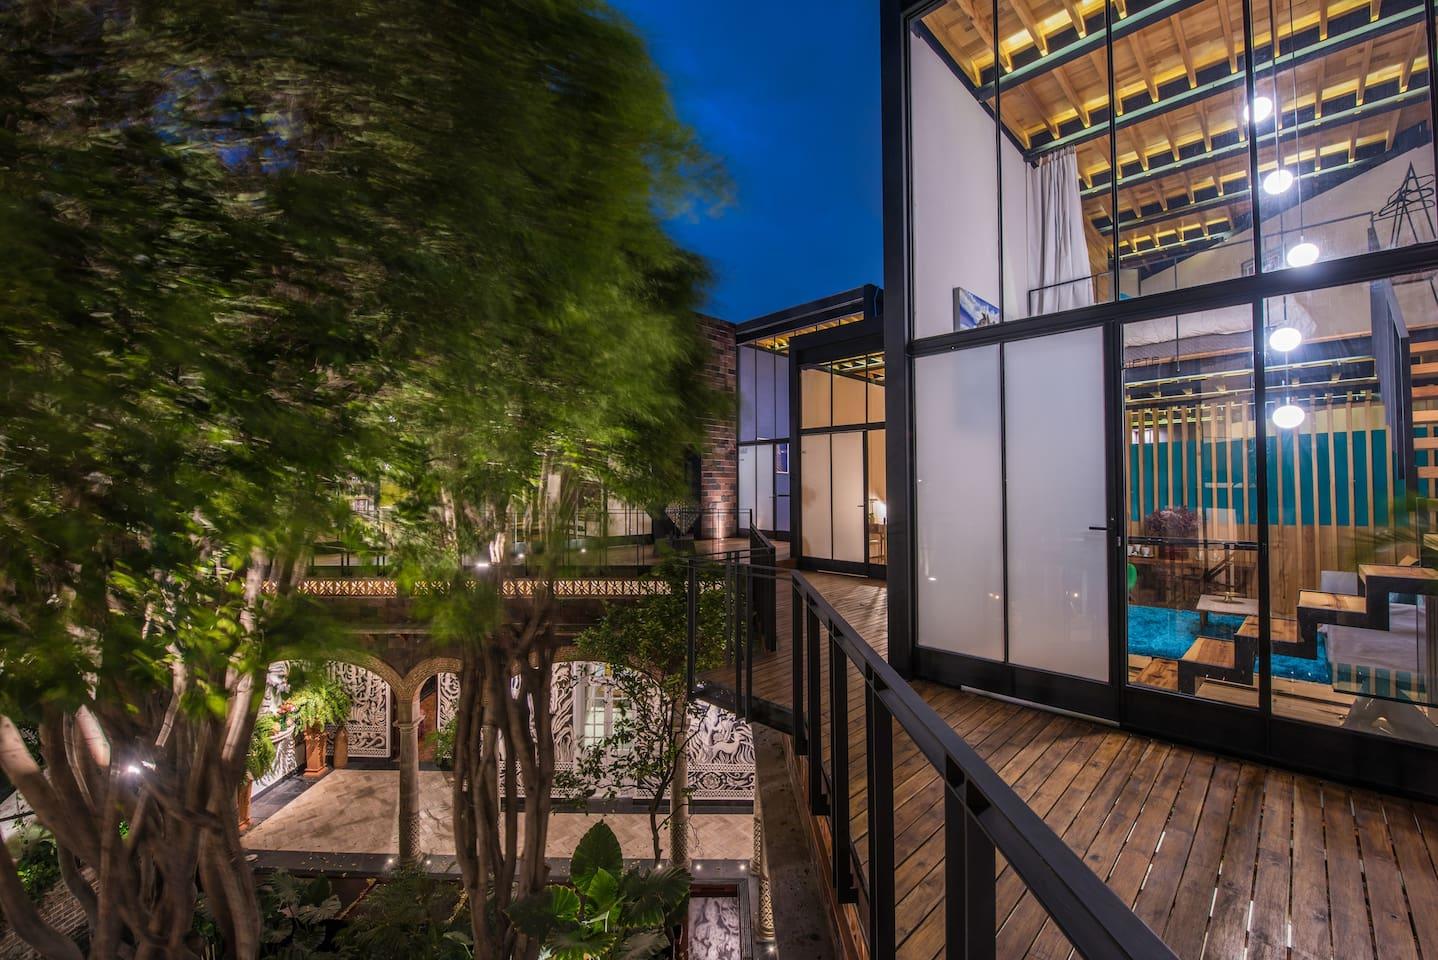 La habitación en dos plantas, con pisos de madera, posee una amplia vista al jardín, y cuenta con cortinas dobles.